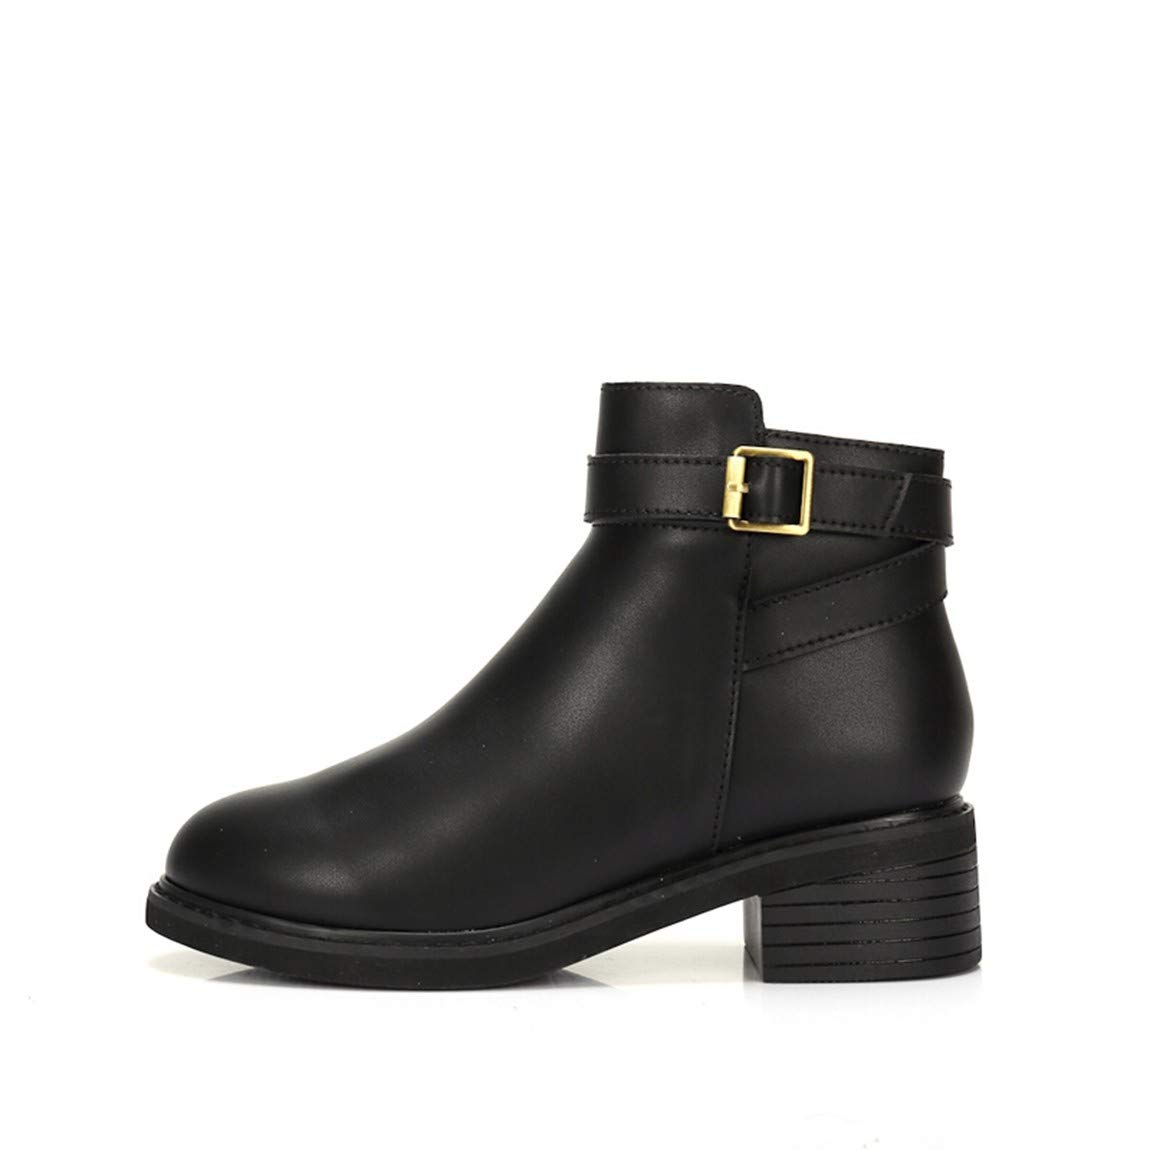 Cute girl Damen Schuhe Winter Fashion England Einfach Platz Mit Komfortablen Stiefel Kinder Schwarz